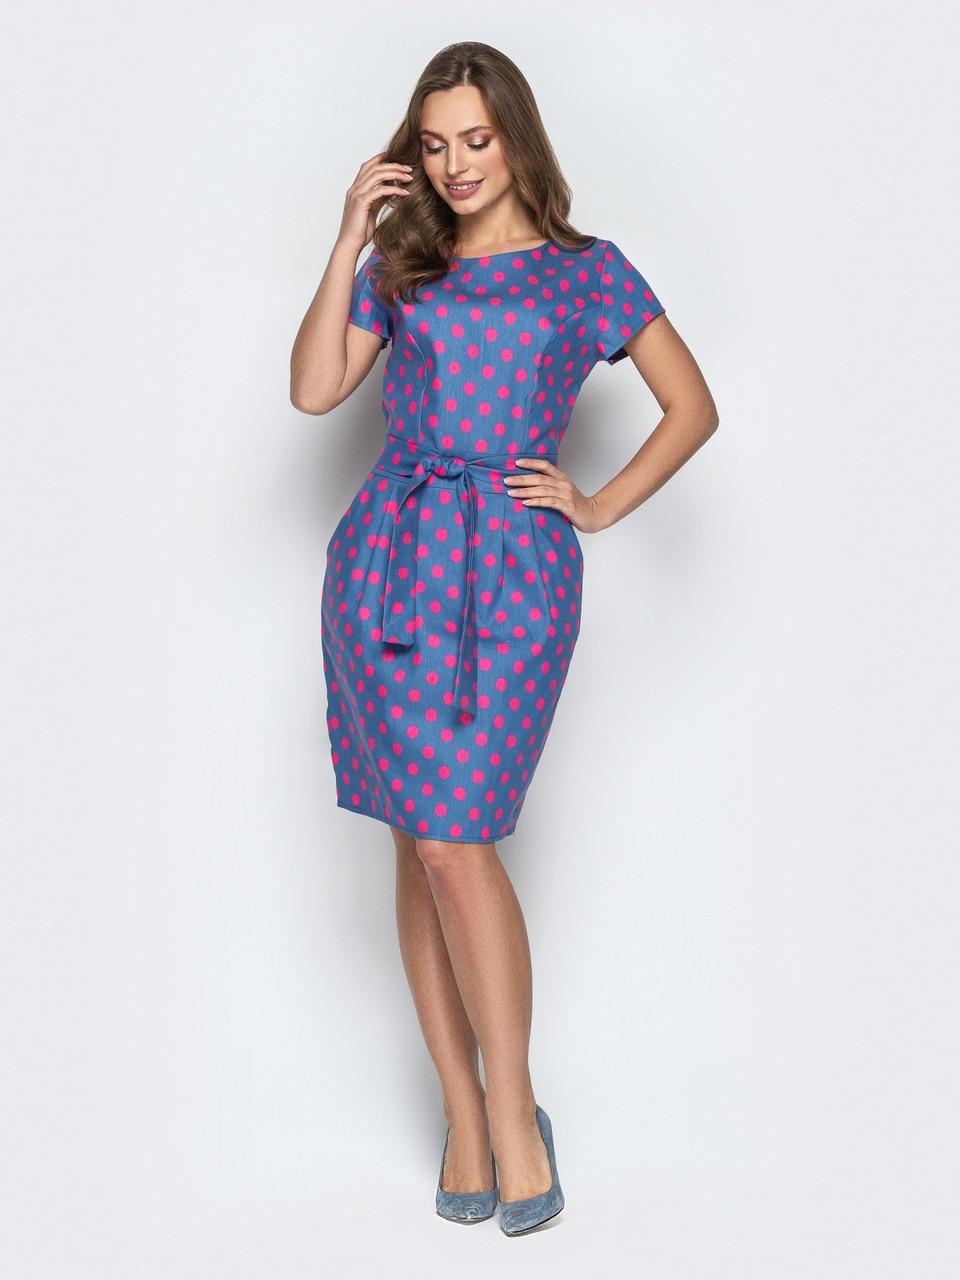 57f0f402db9 Стильное женское платье в горошек с коротким рукавом р.44